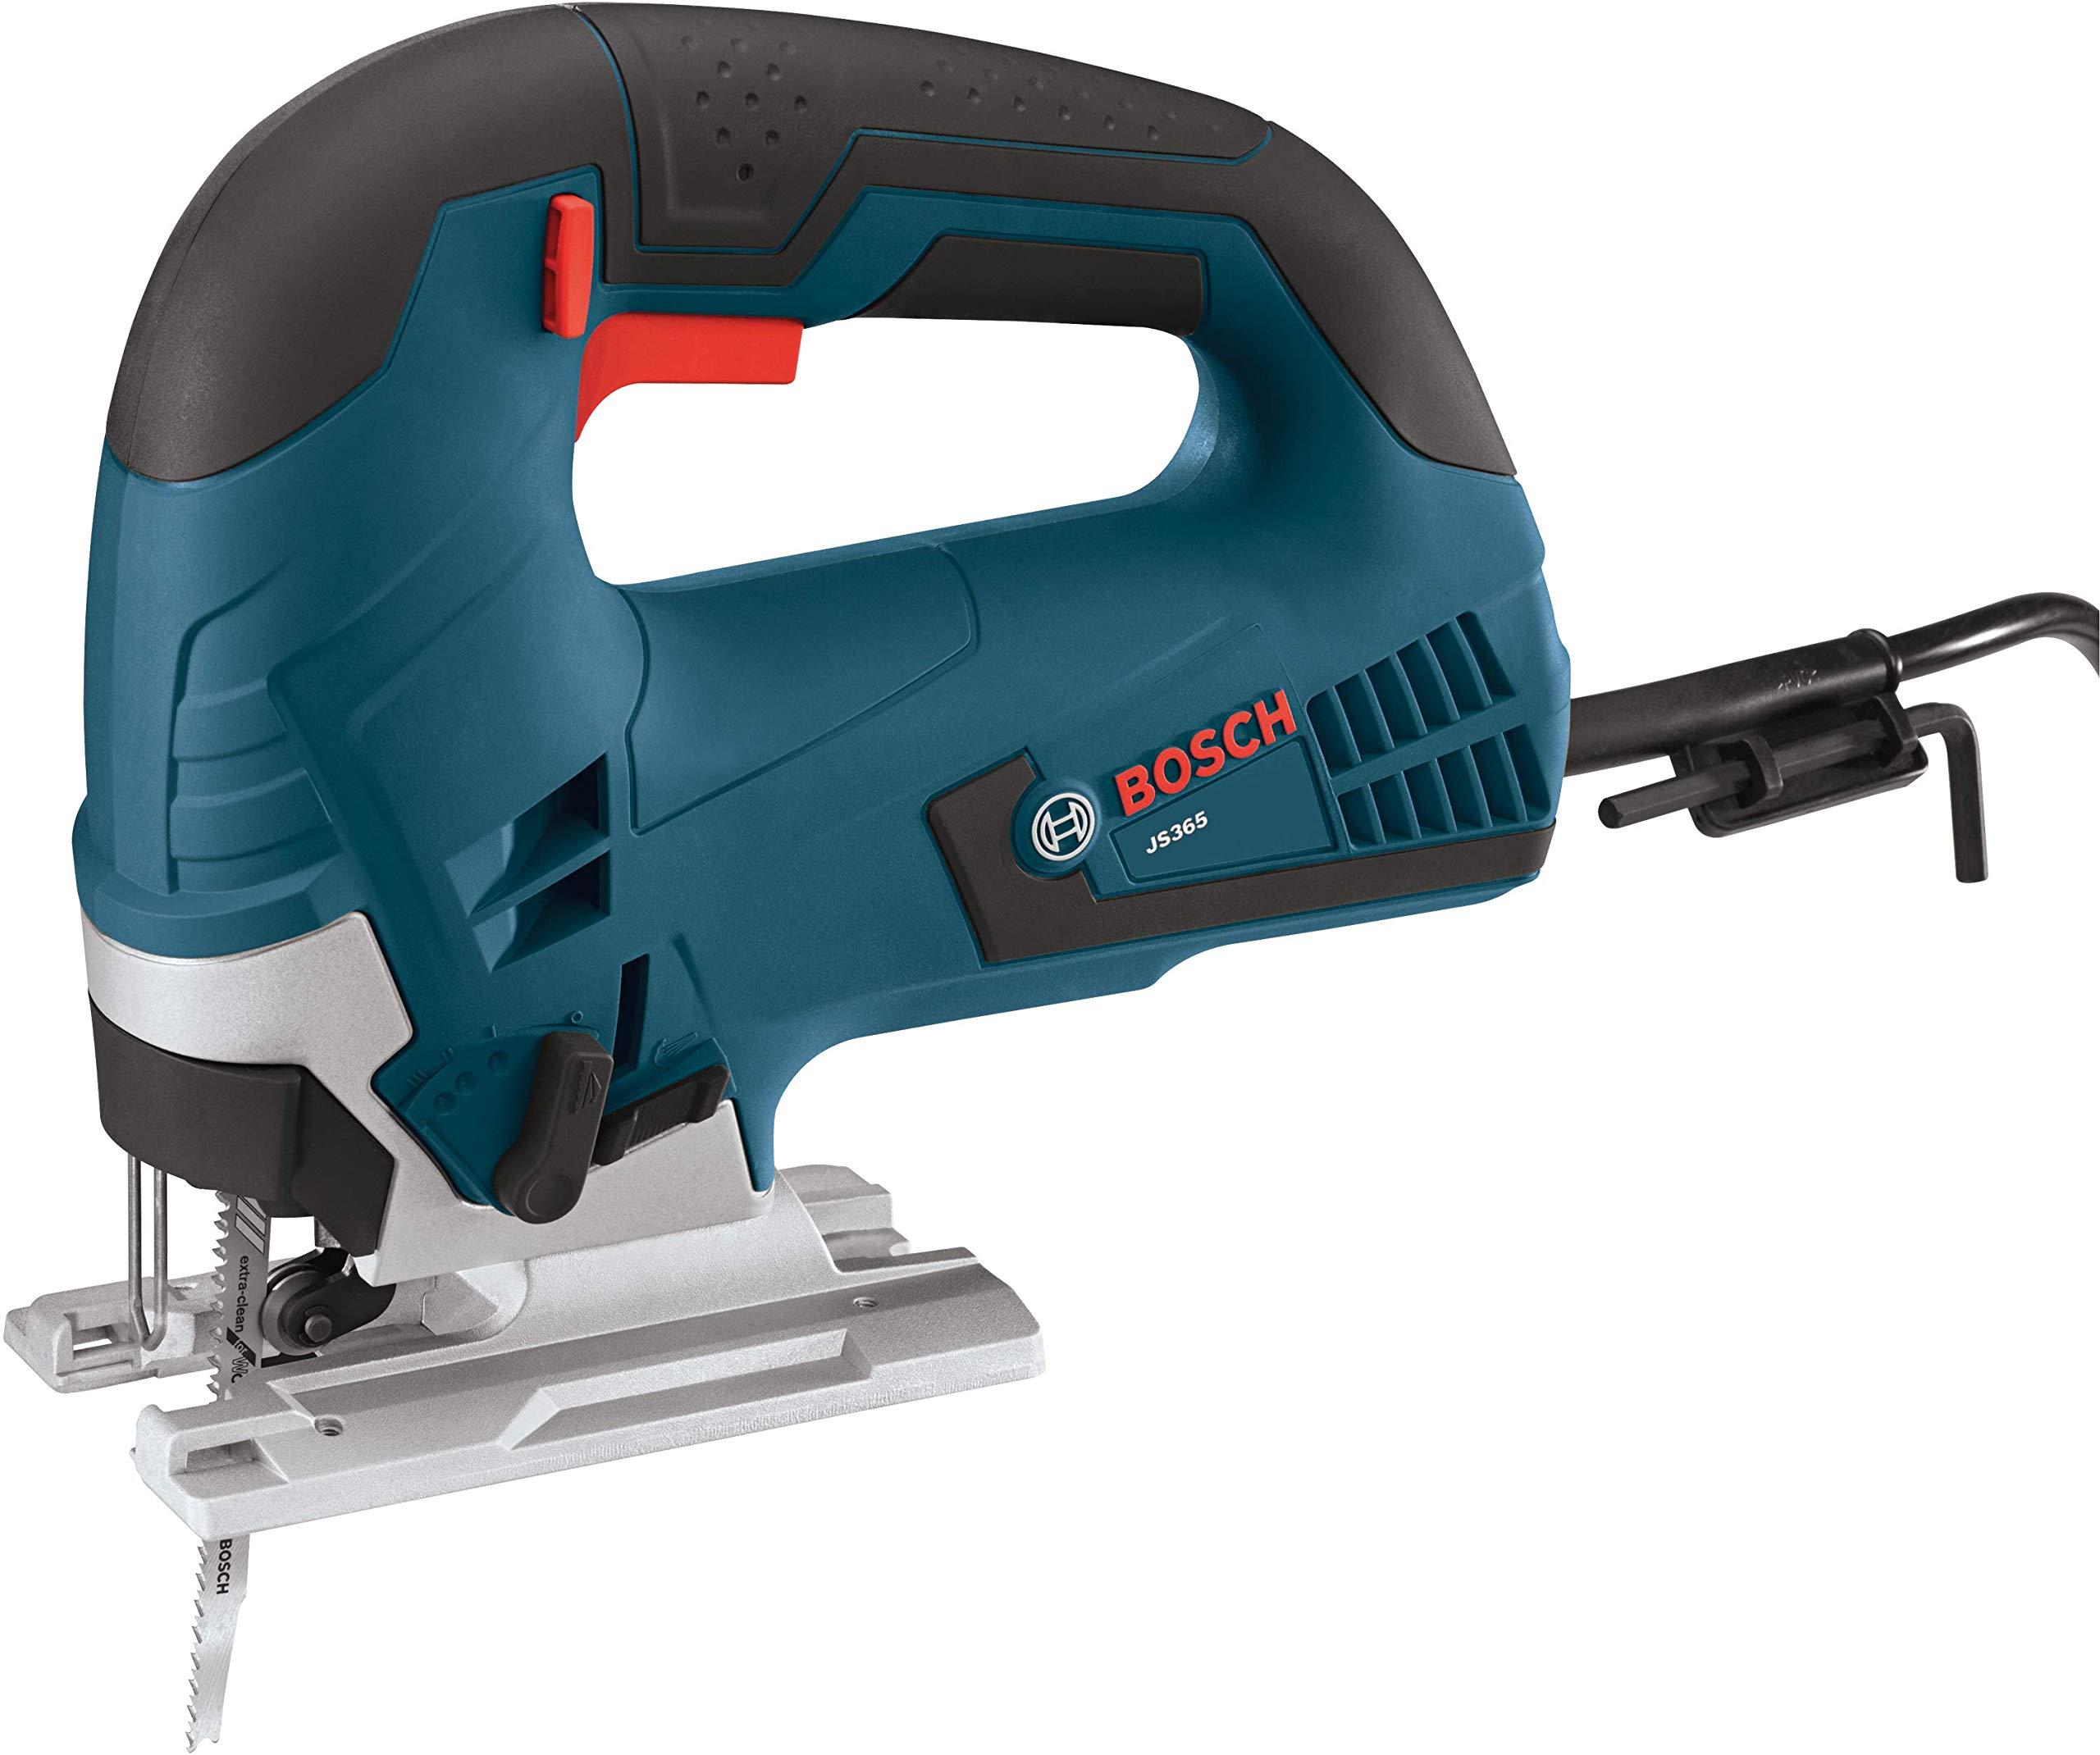 Bosch JS365 120 Volt Top Handle Jigsaw